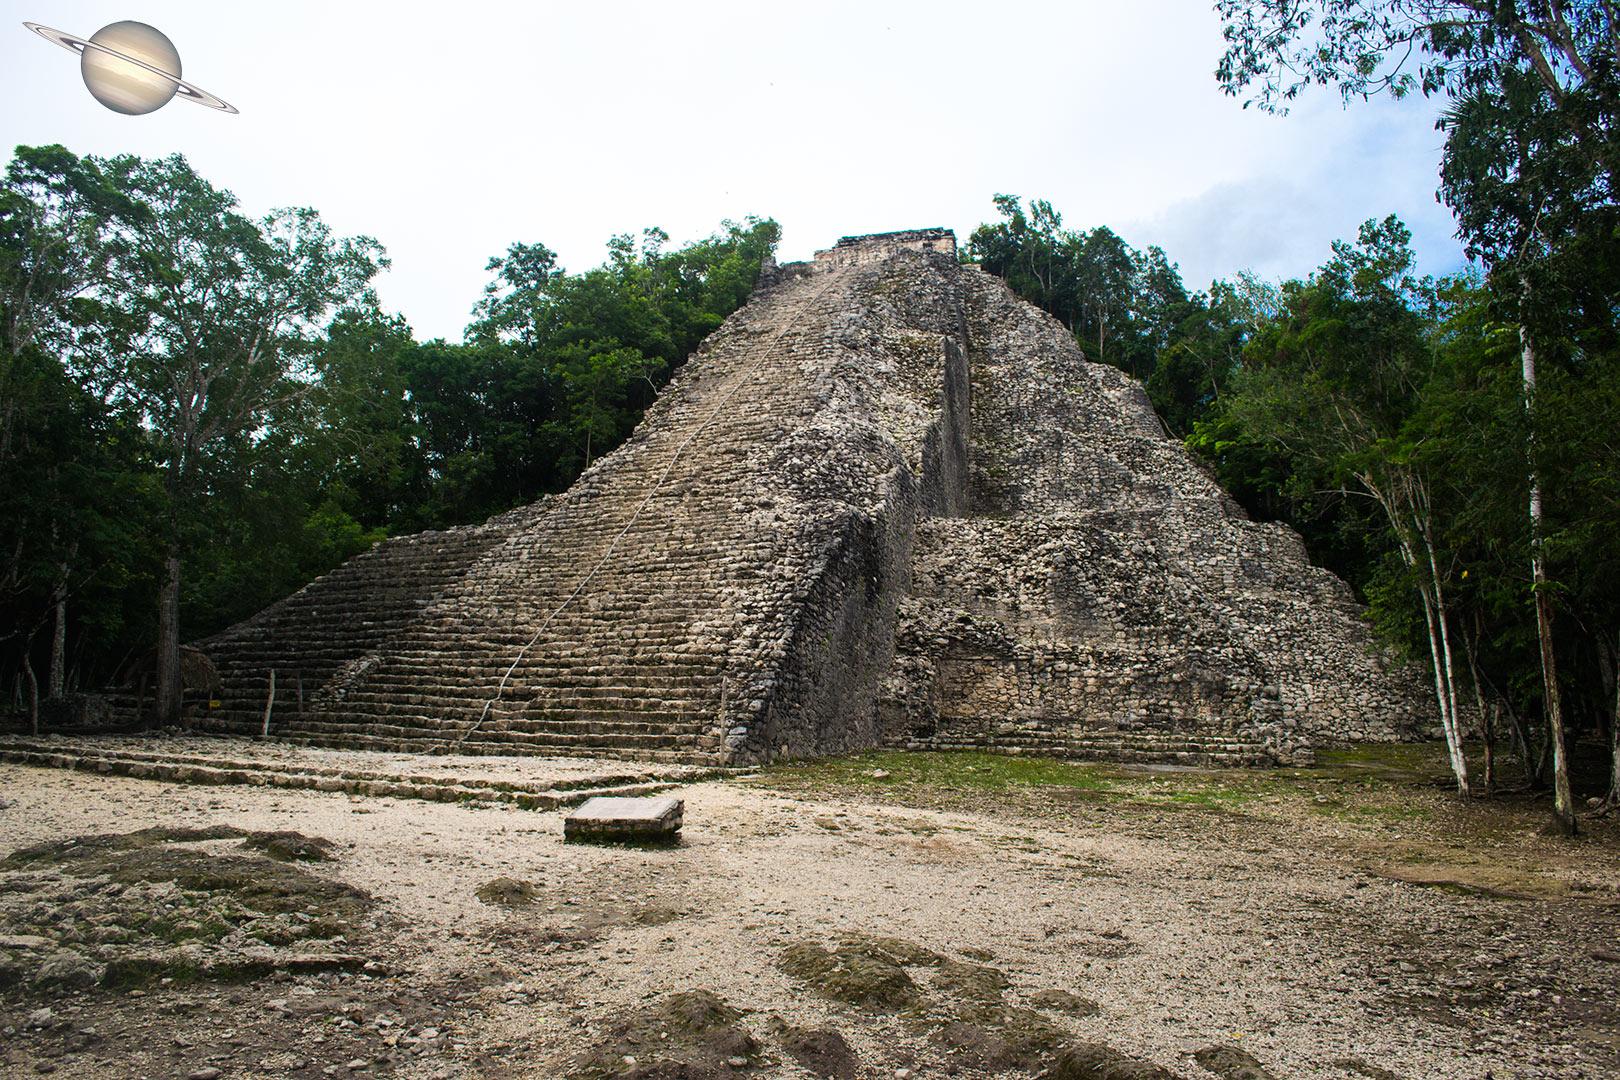 coba yucatan mexico 12 - Suba uma Pirâmide em Coba, Antiga Cidade Maia, México